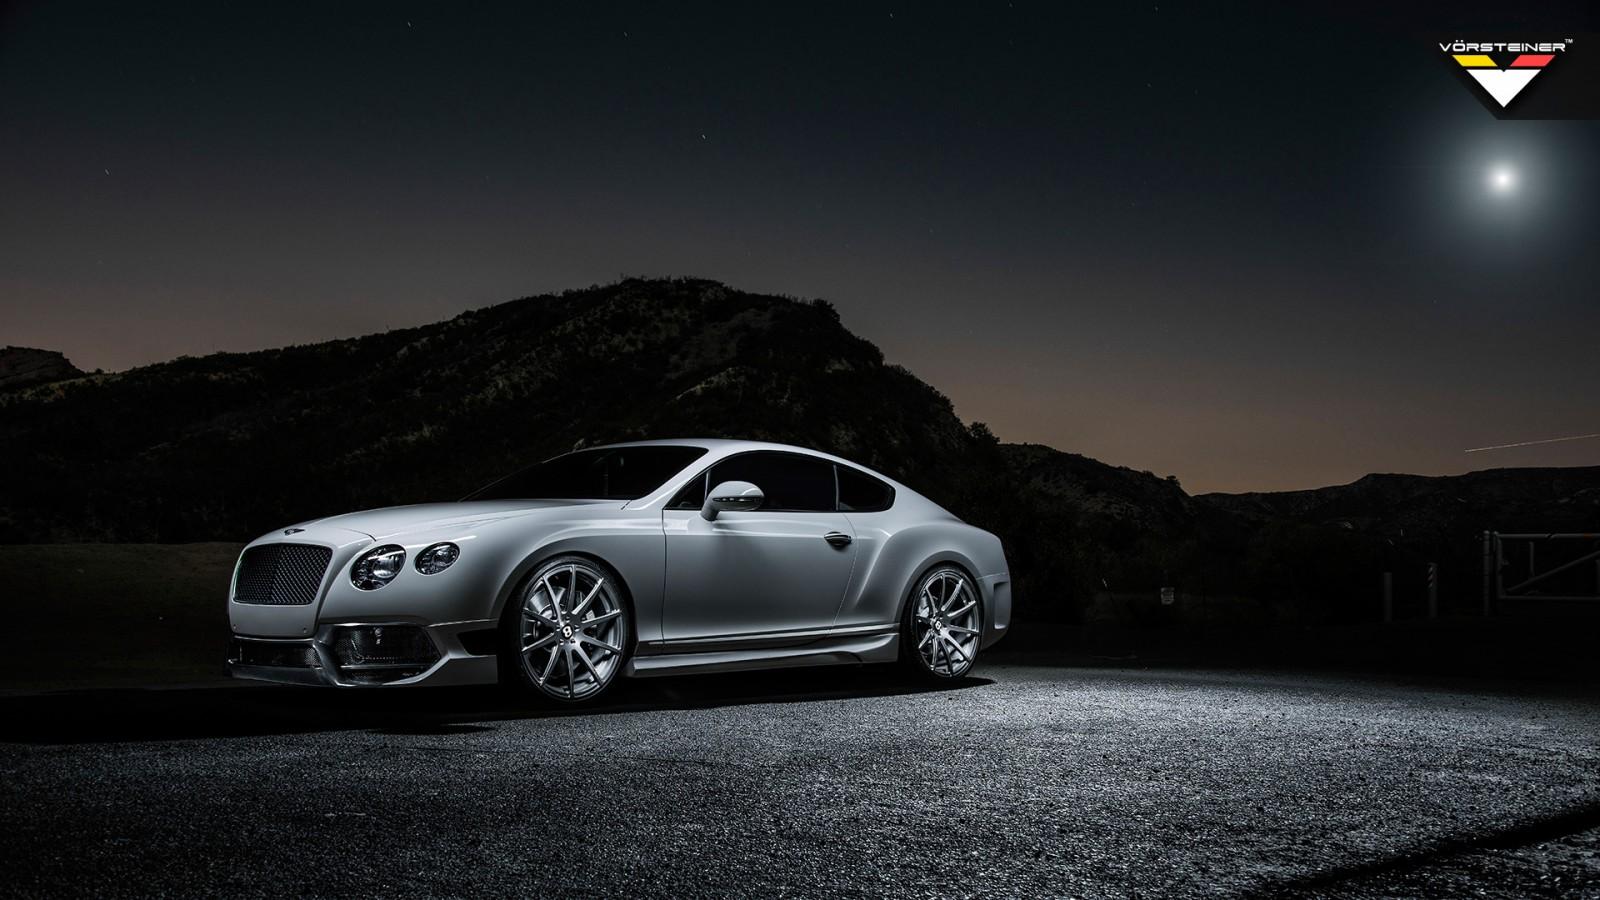 Bmw Hd Wallpapers 1080p Download 2013 Vorsteiner Bentley Continental Gt Br10 Rs Wallpaper